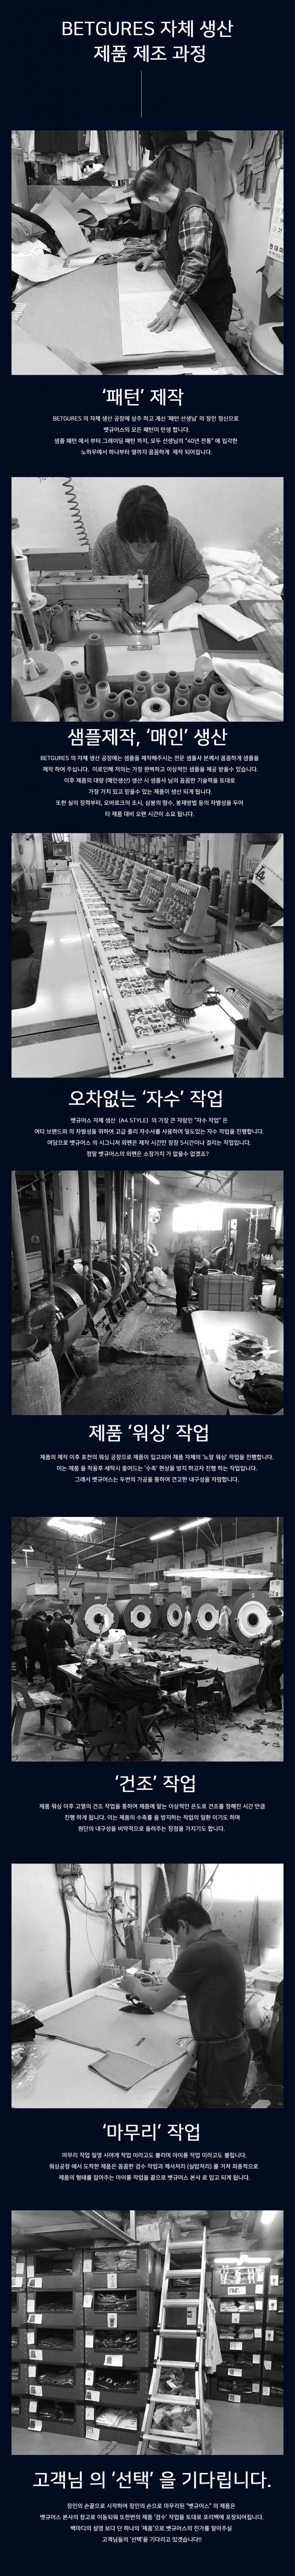 벳규어스(BETGURES) [UNISEX] 오버핏 지퍼 트임  레옹 프린팅 반 짚업 풀오버 후드 (후디) 회색